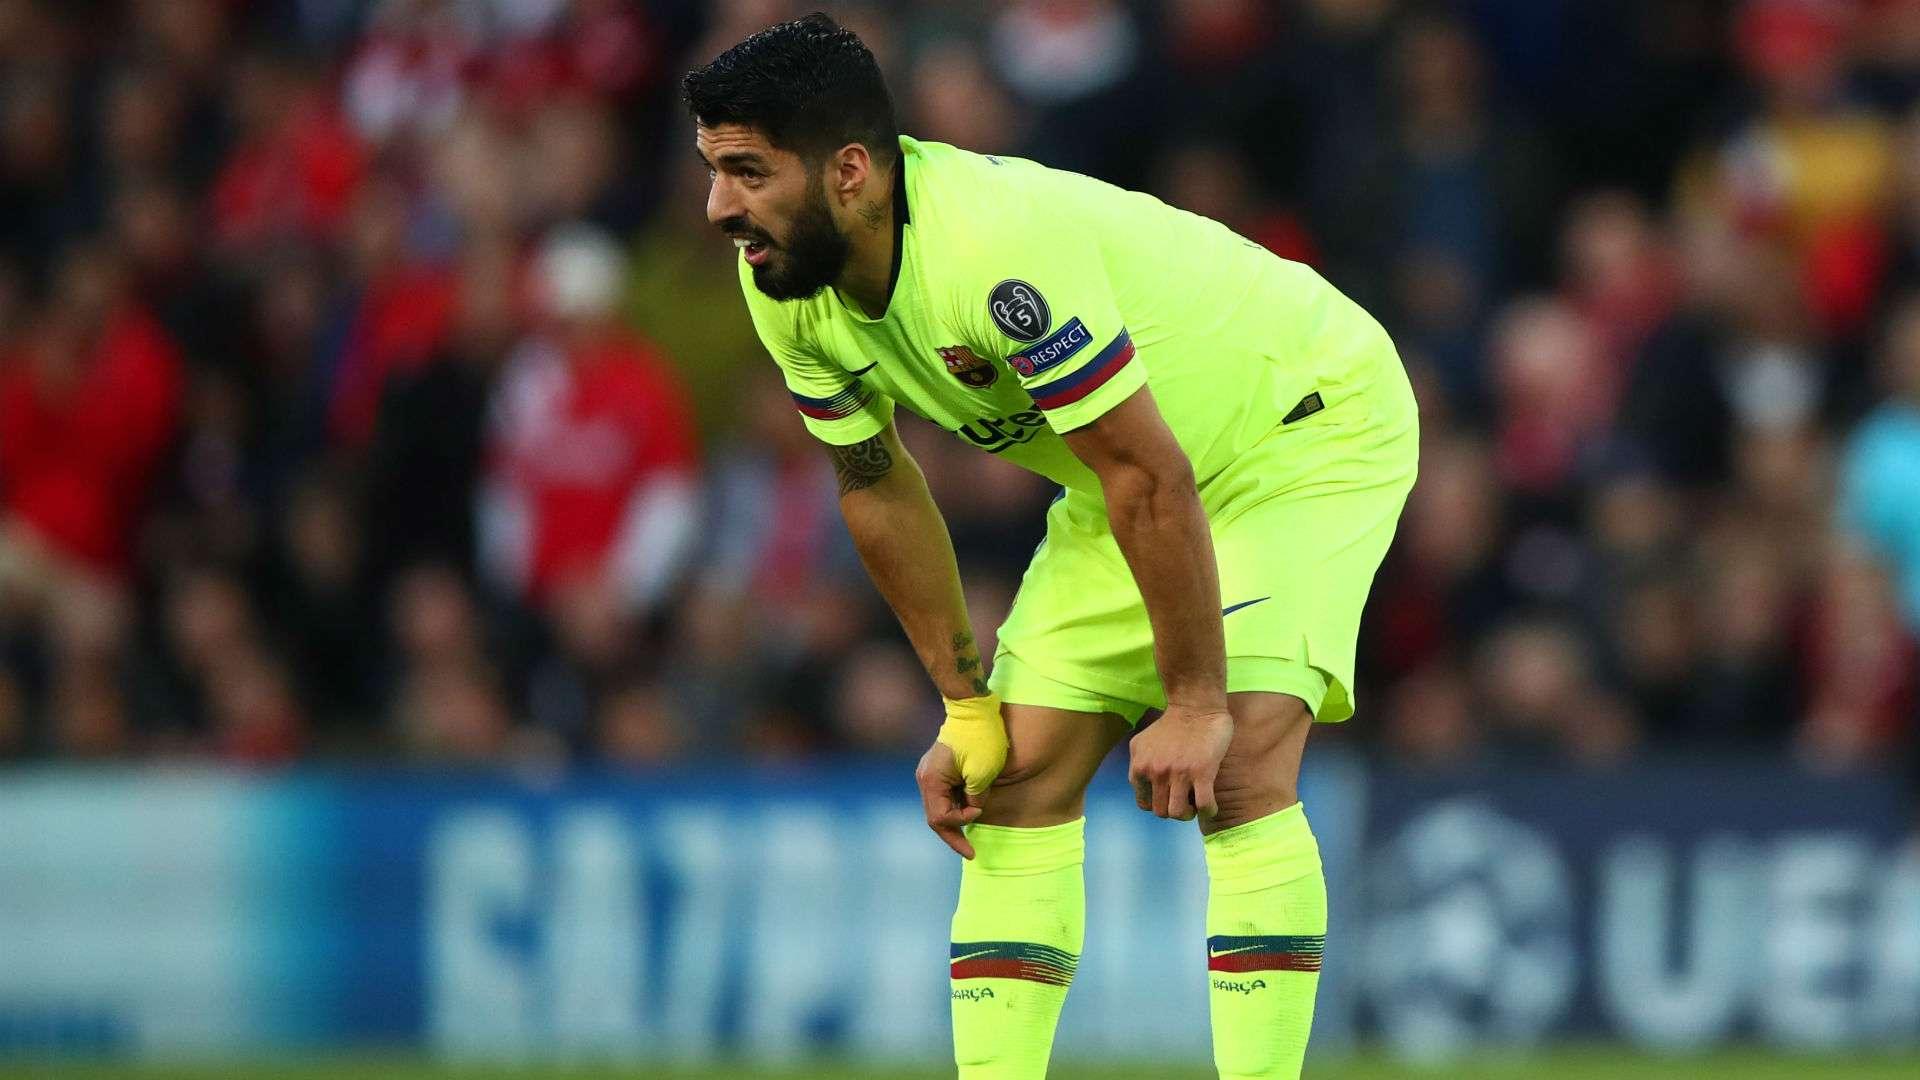 Barca thông báo Luis Suarez chấn thương nặng phải mổ